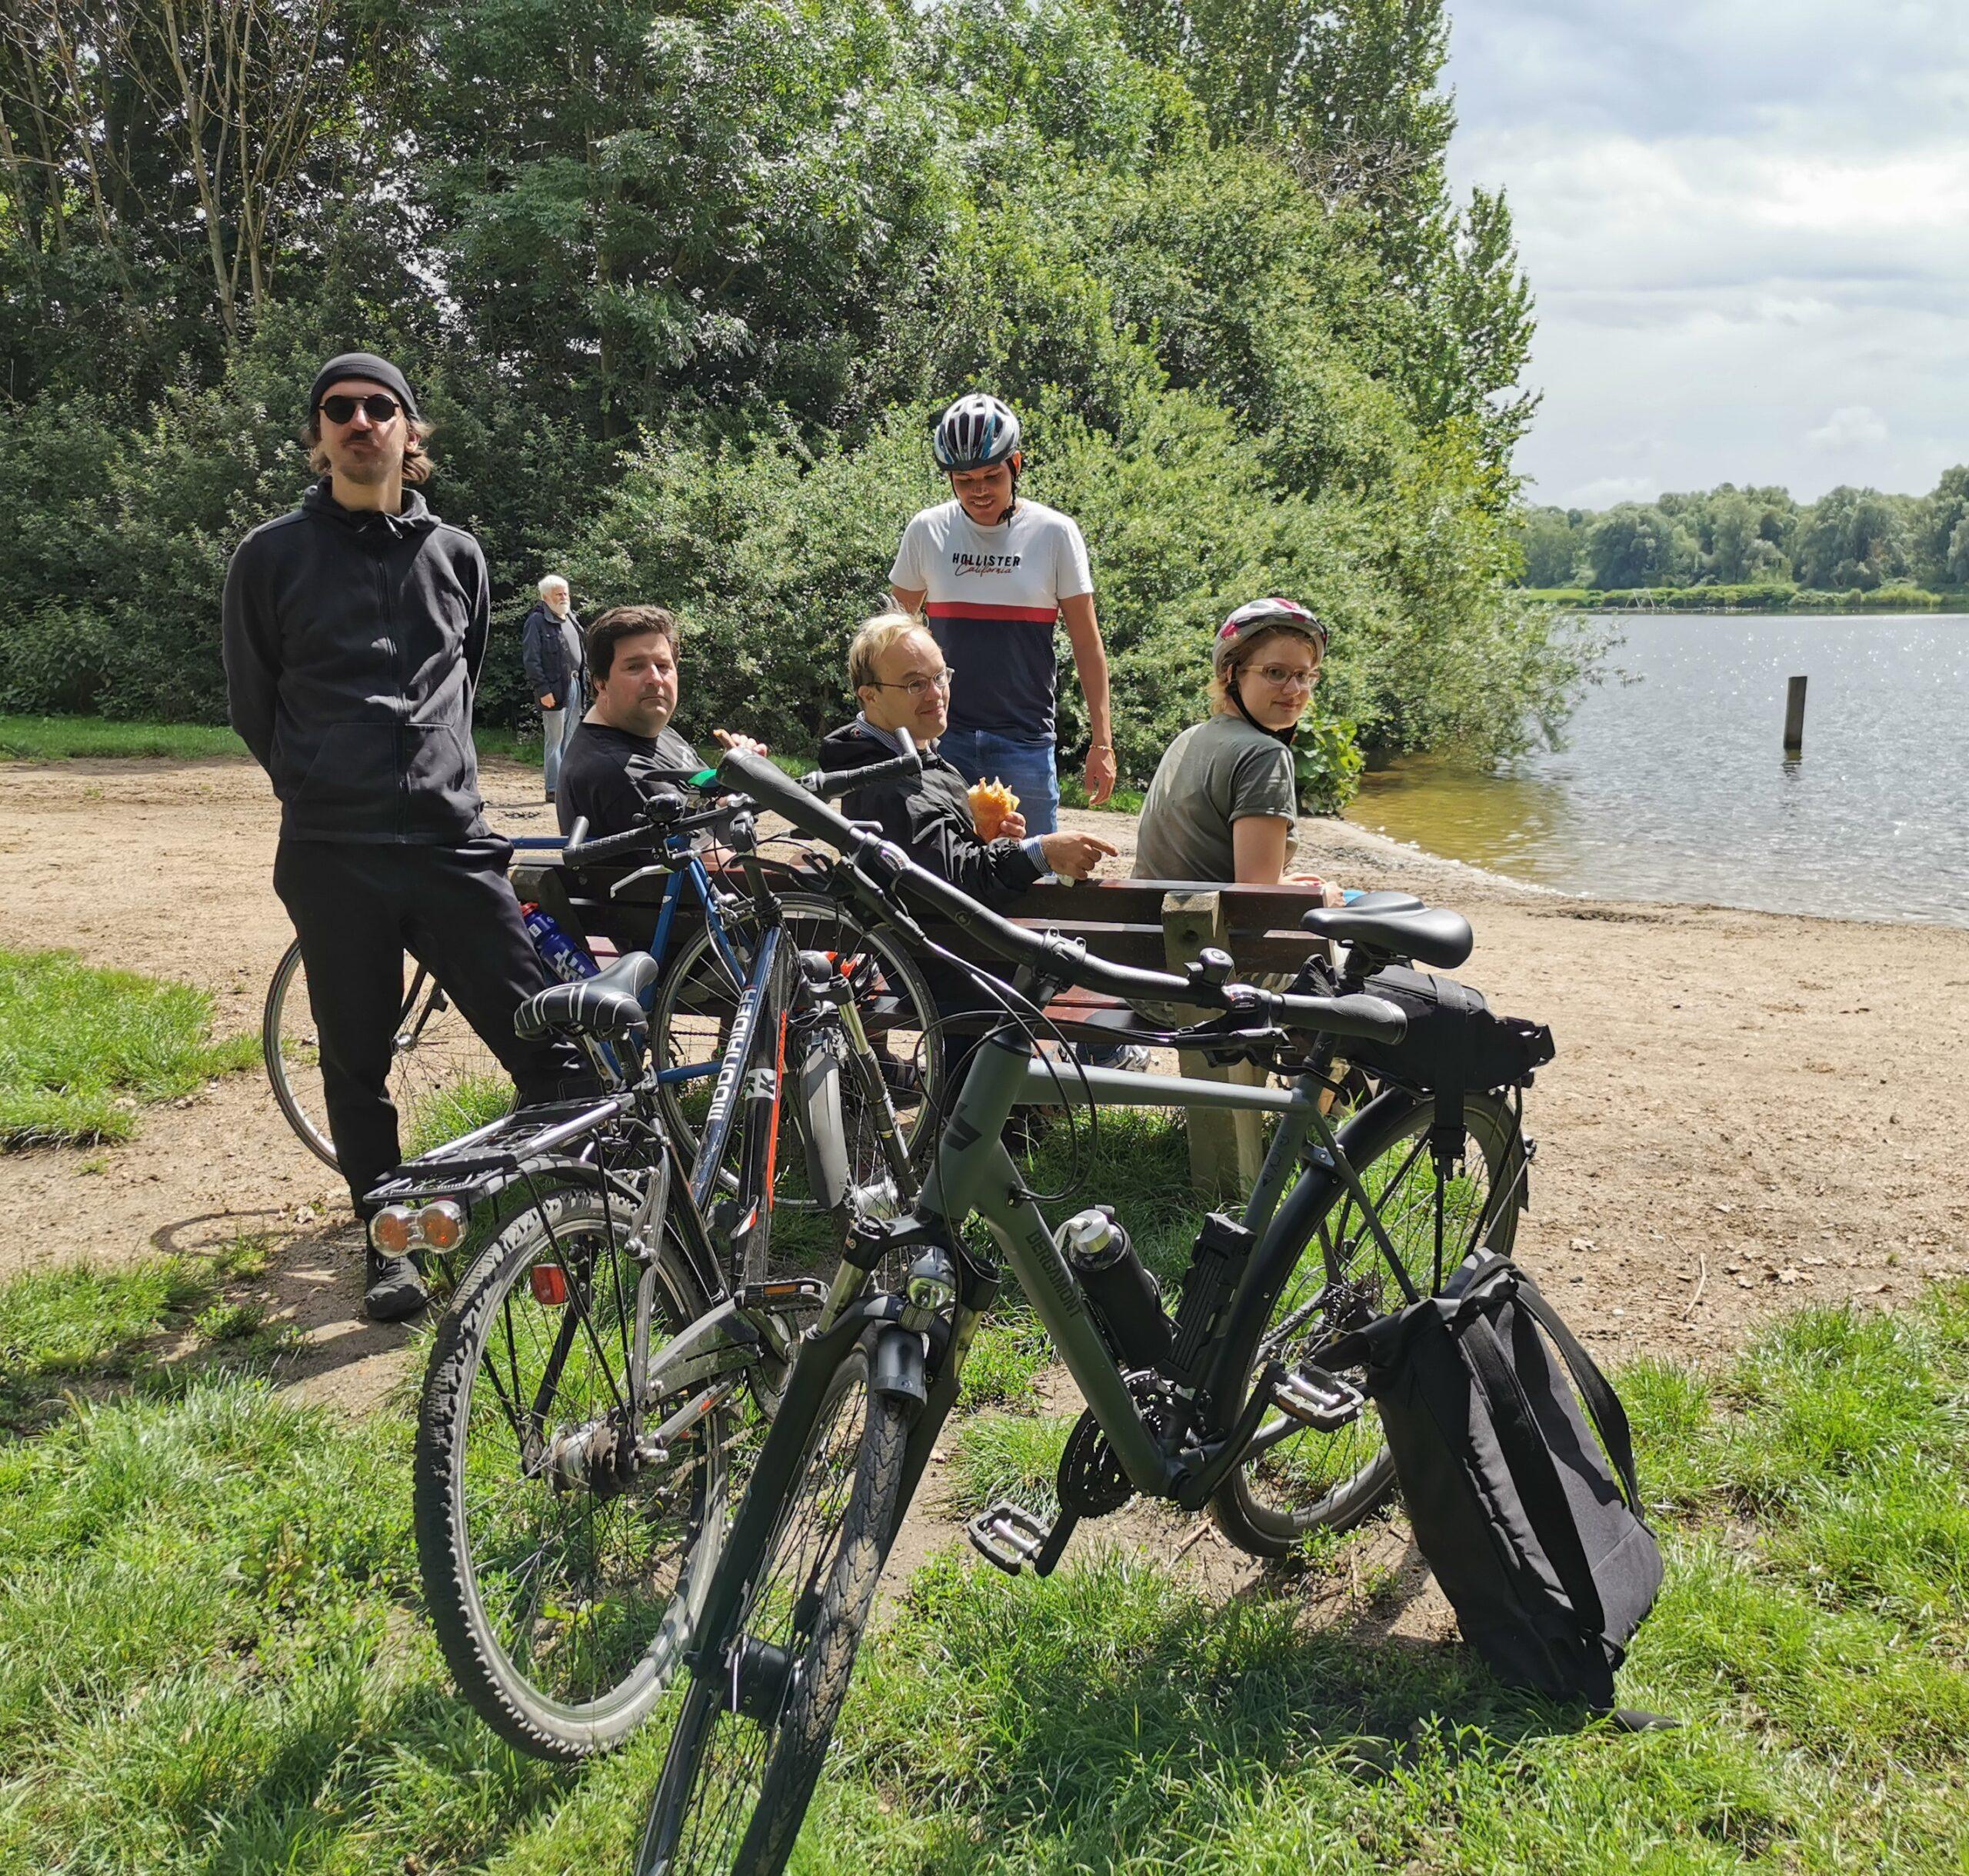 Radfahrer mit Fahrrädern